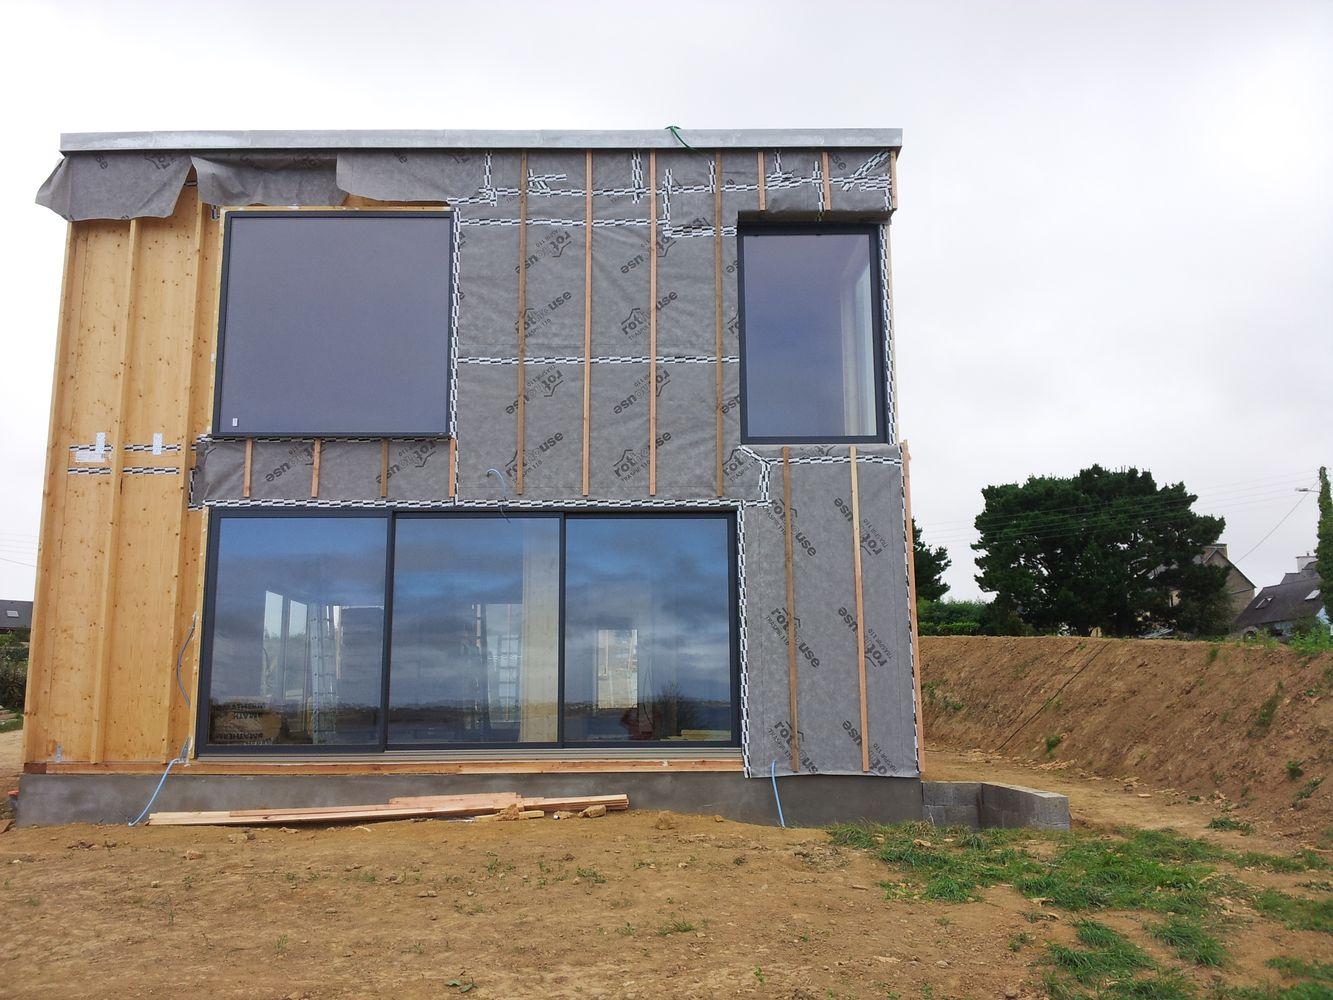 Maison Panneau Bois - Maison Panneau Bois Designer Rustique En Relief Panneau De Bois Papier Peint Vintage Bande Mur